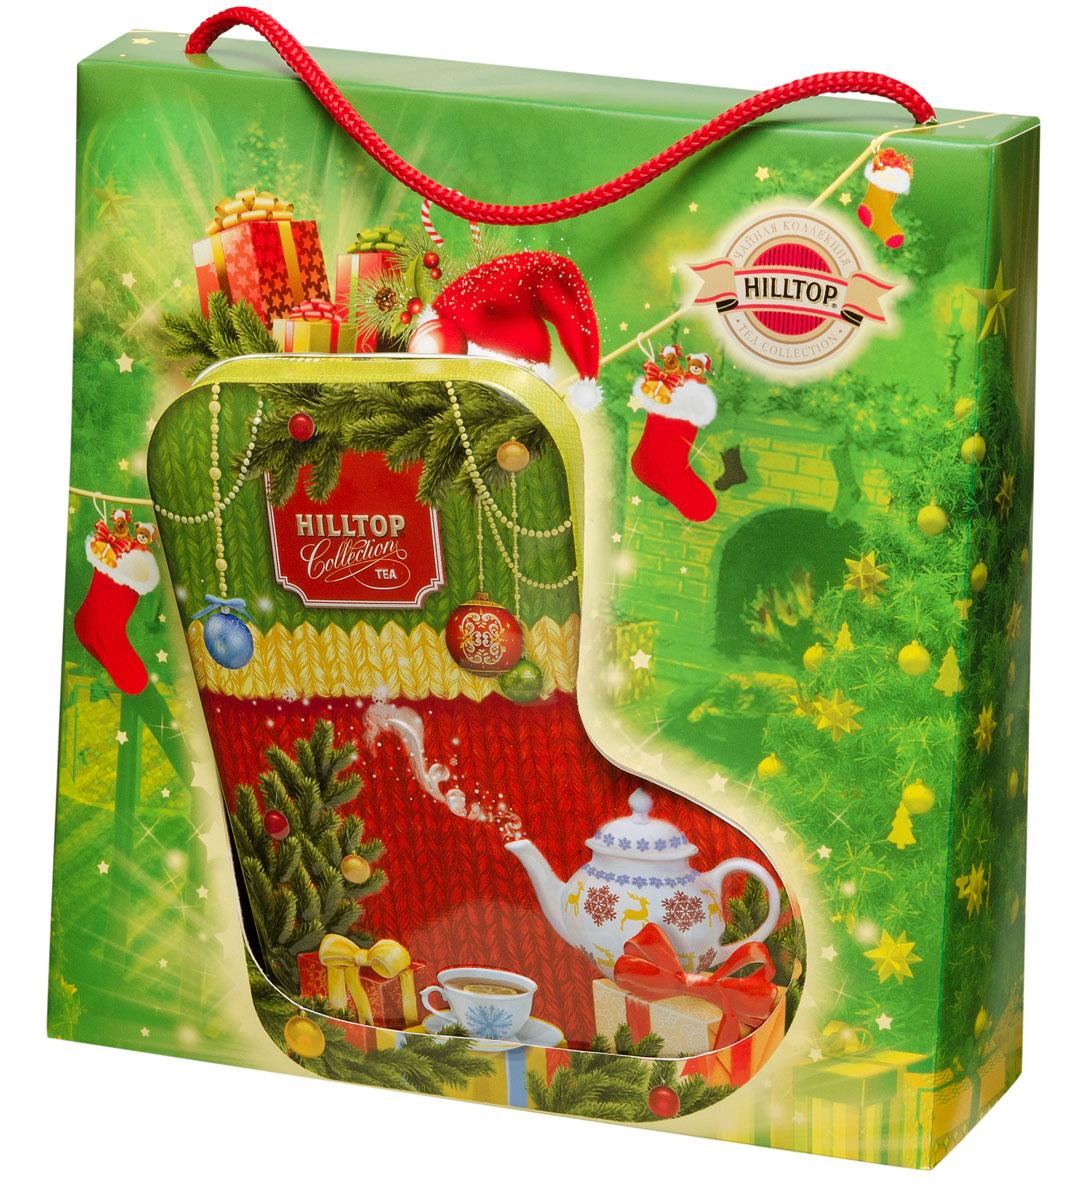 Hilltop Новогоднее чаепитие чайный набор4607099305977Hilltop Новогоднее чаепитие порадует вас и ваших близких глубоким насыщенным вкусом и изумительным ароматом черного крупнолистового цейлонского чая. Яркий праздничный дизайн упаковки ввиде красочного валенка делает этот чай отличным подарком к Новому Году и Рождеству для ваших друзей и родных.Всё о чае: сорта, факты, советы по выбору и употреблению. Статья OZON Гид